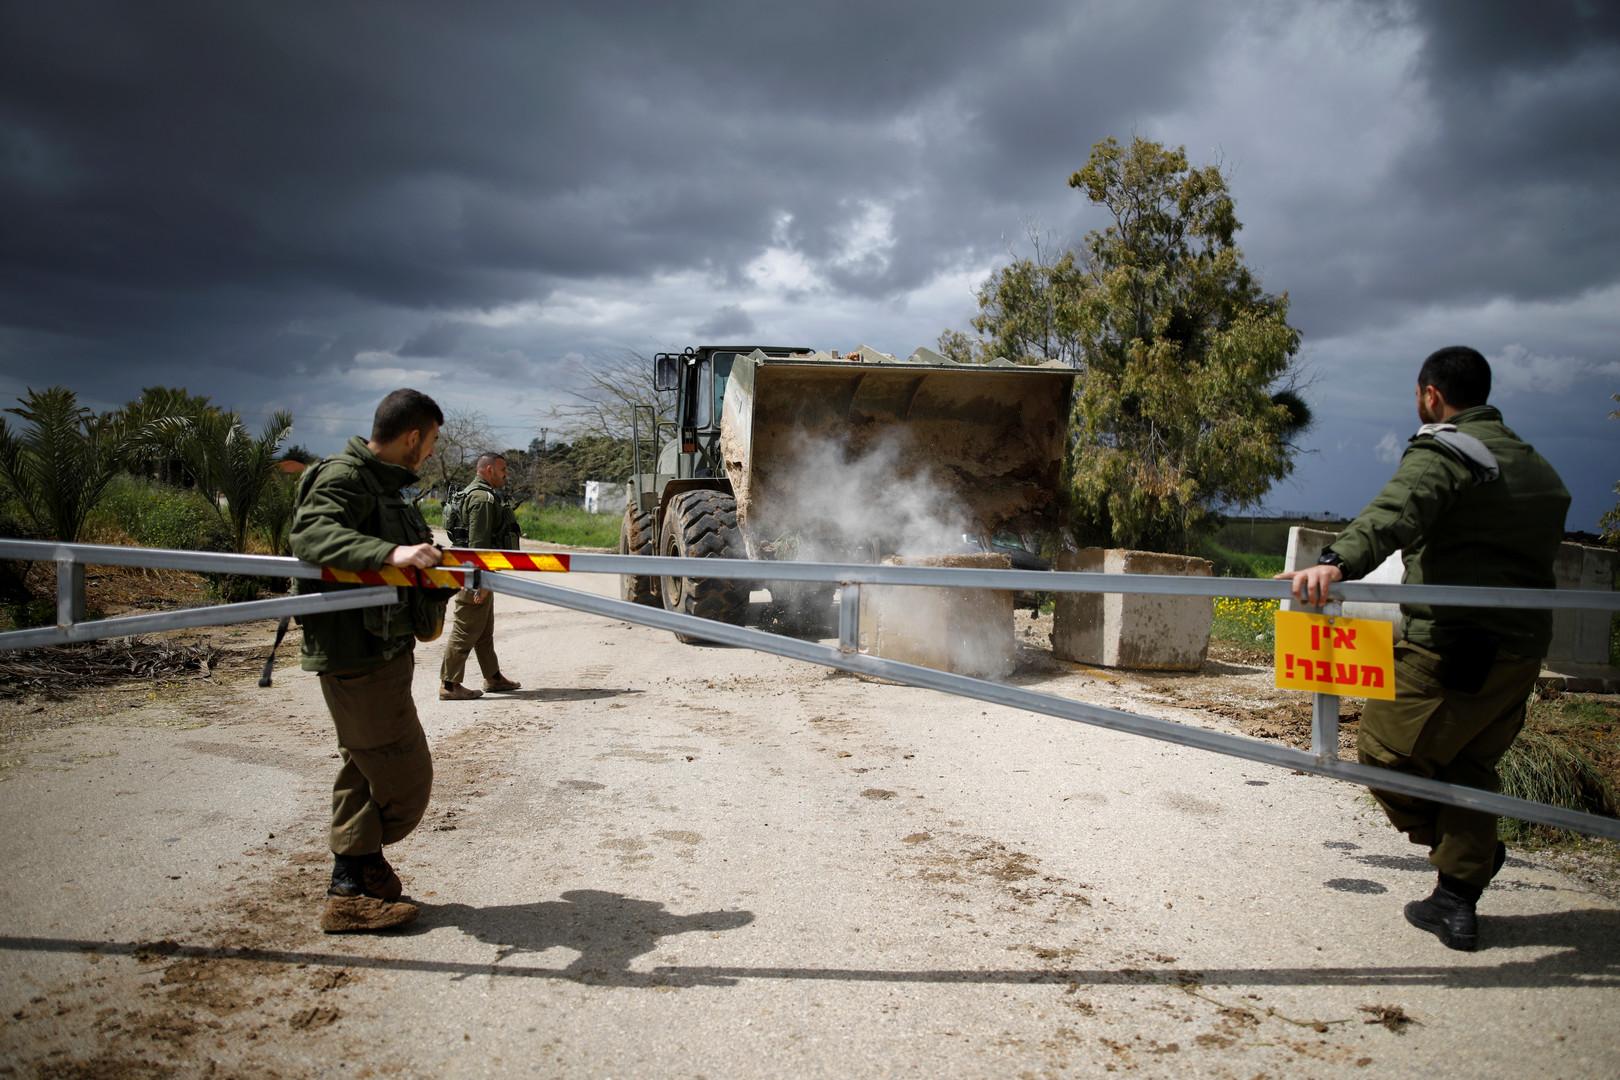 الفصائل الفلسطينية تستهدف قوة إسرائيلية خاصة توغلت في غزة